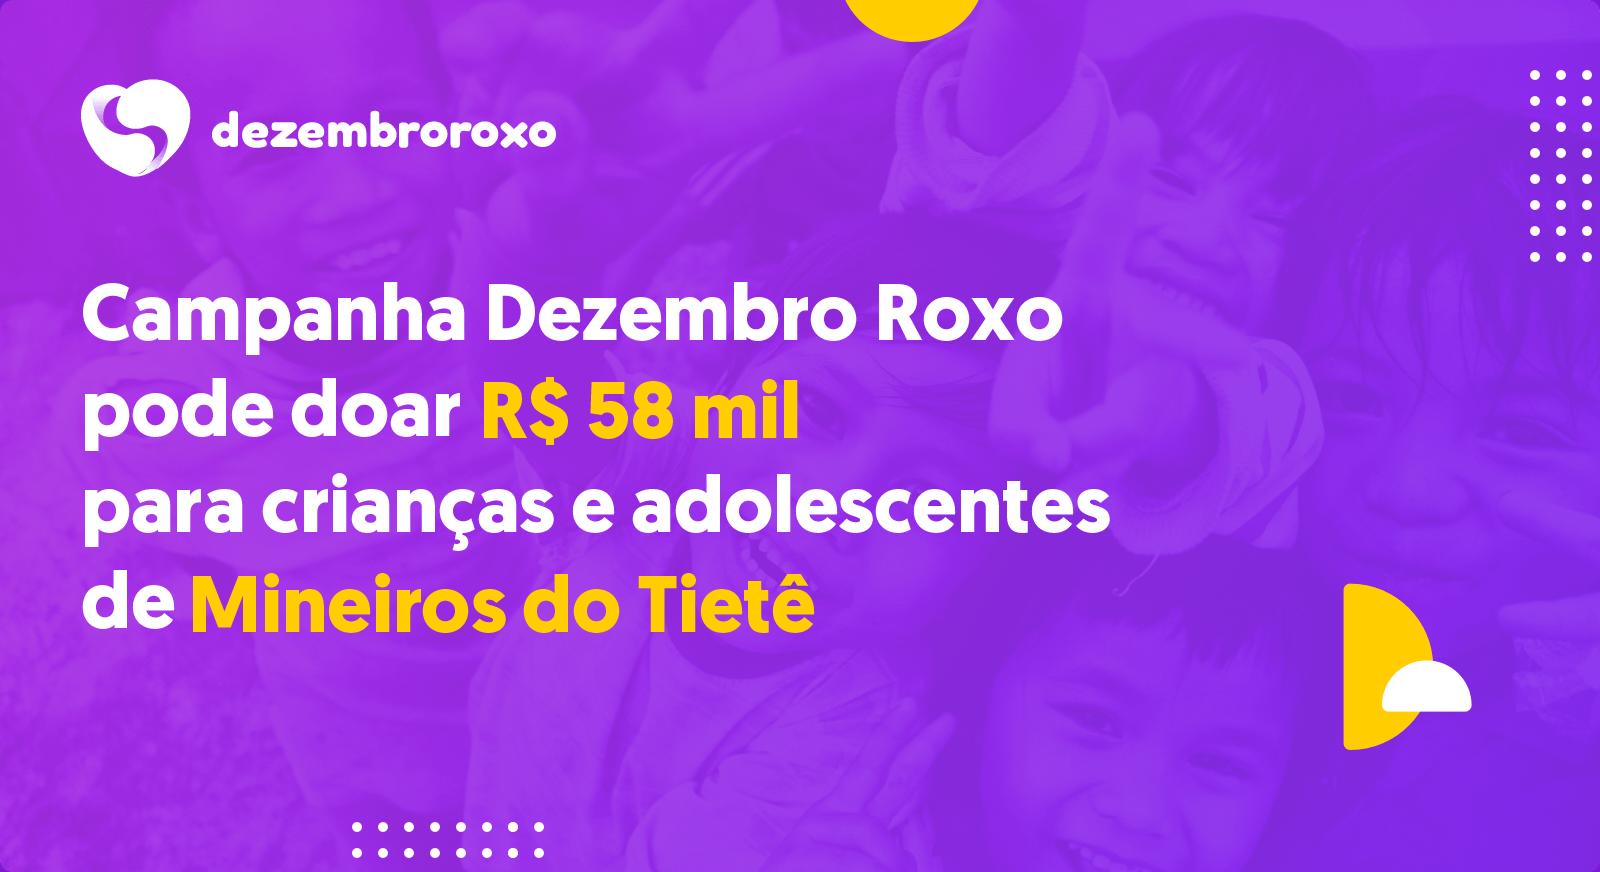 Doações em Mineiros do Tietê - SP